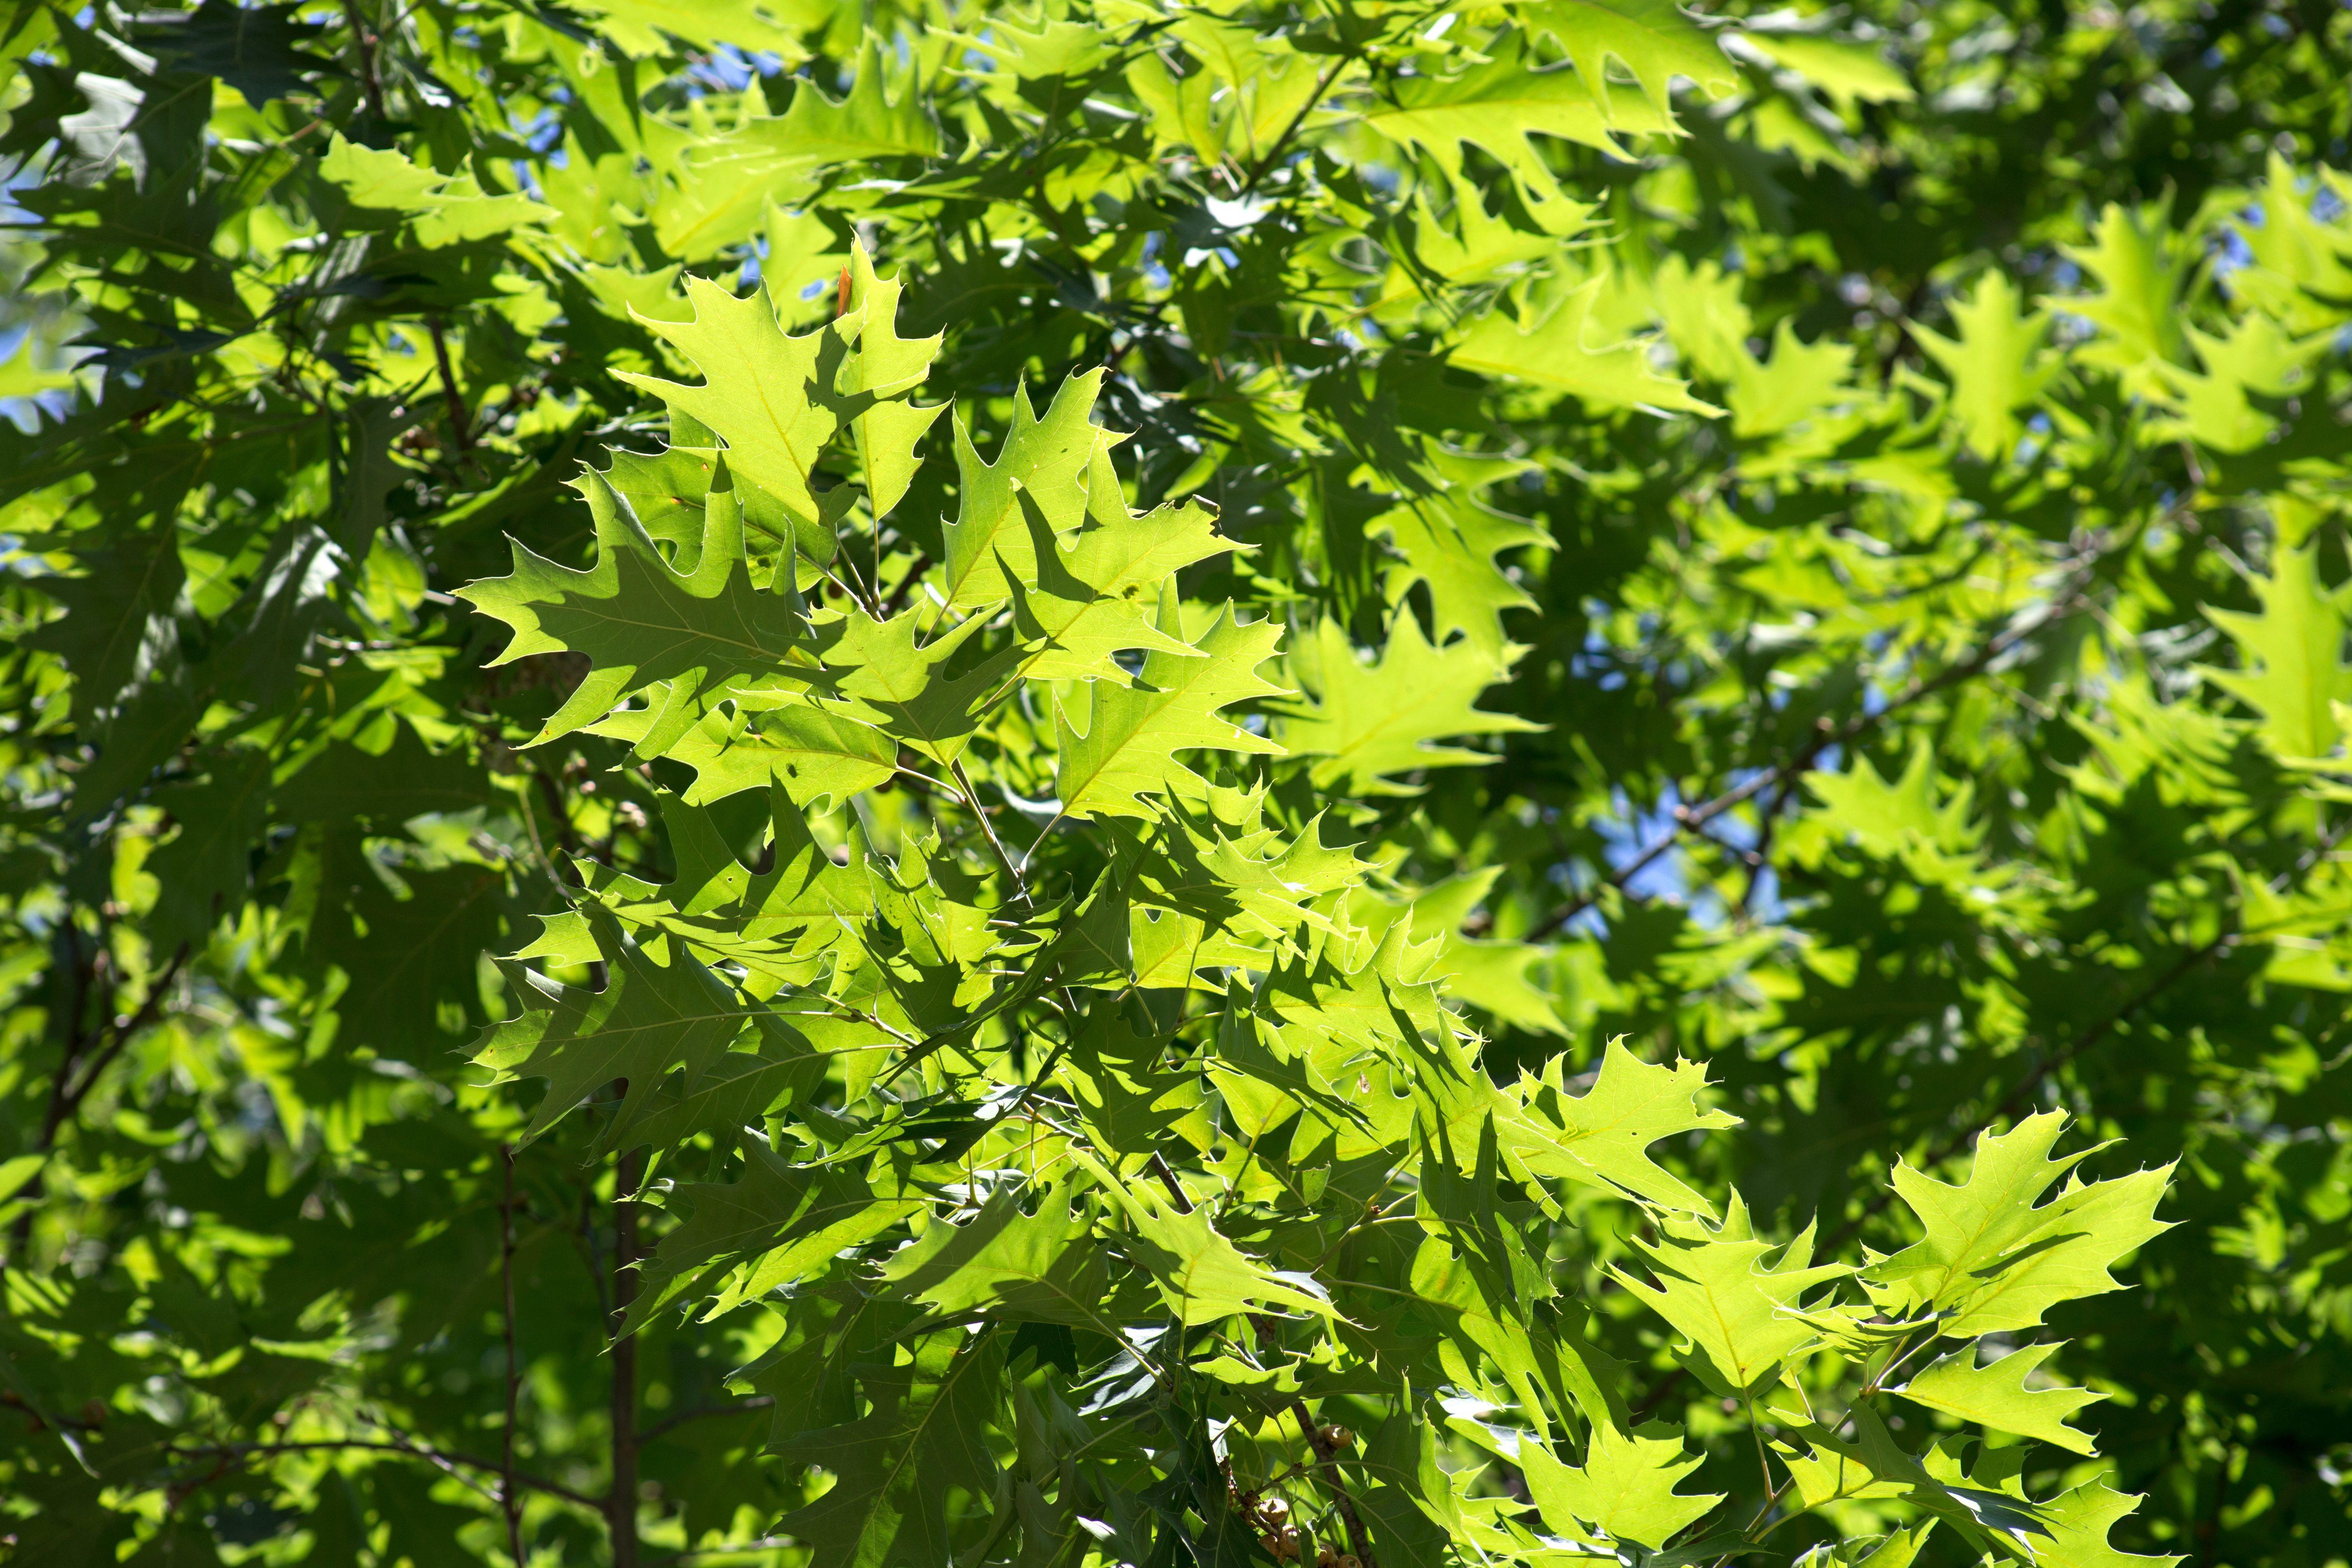 Imagen gratis hojas verdes textura naturaleza hojas for Arboles de hoja perenne en galicia